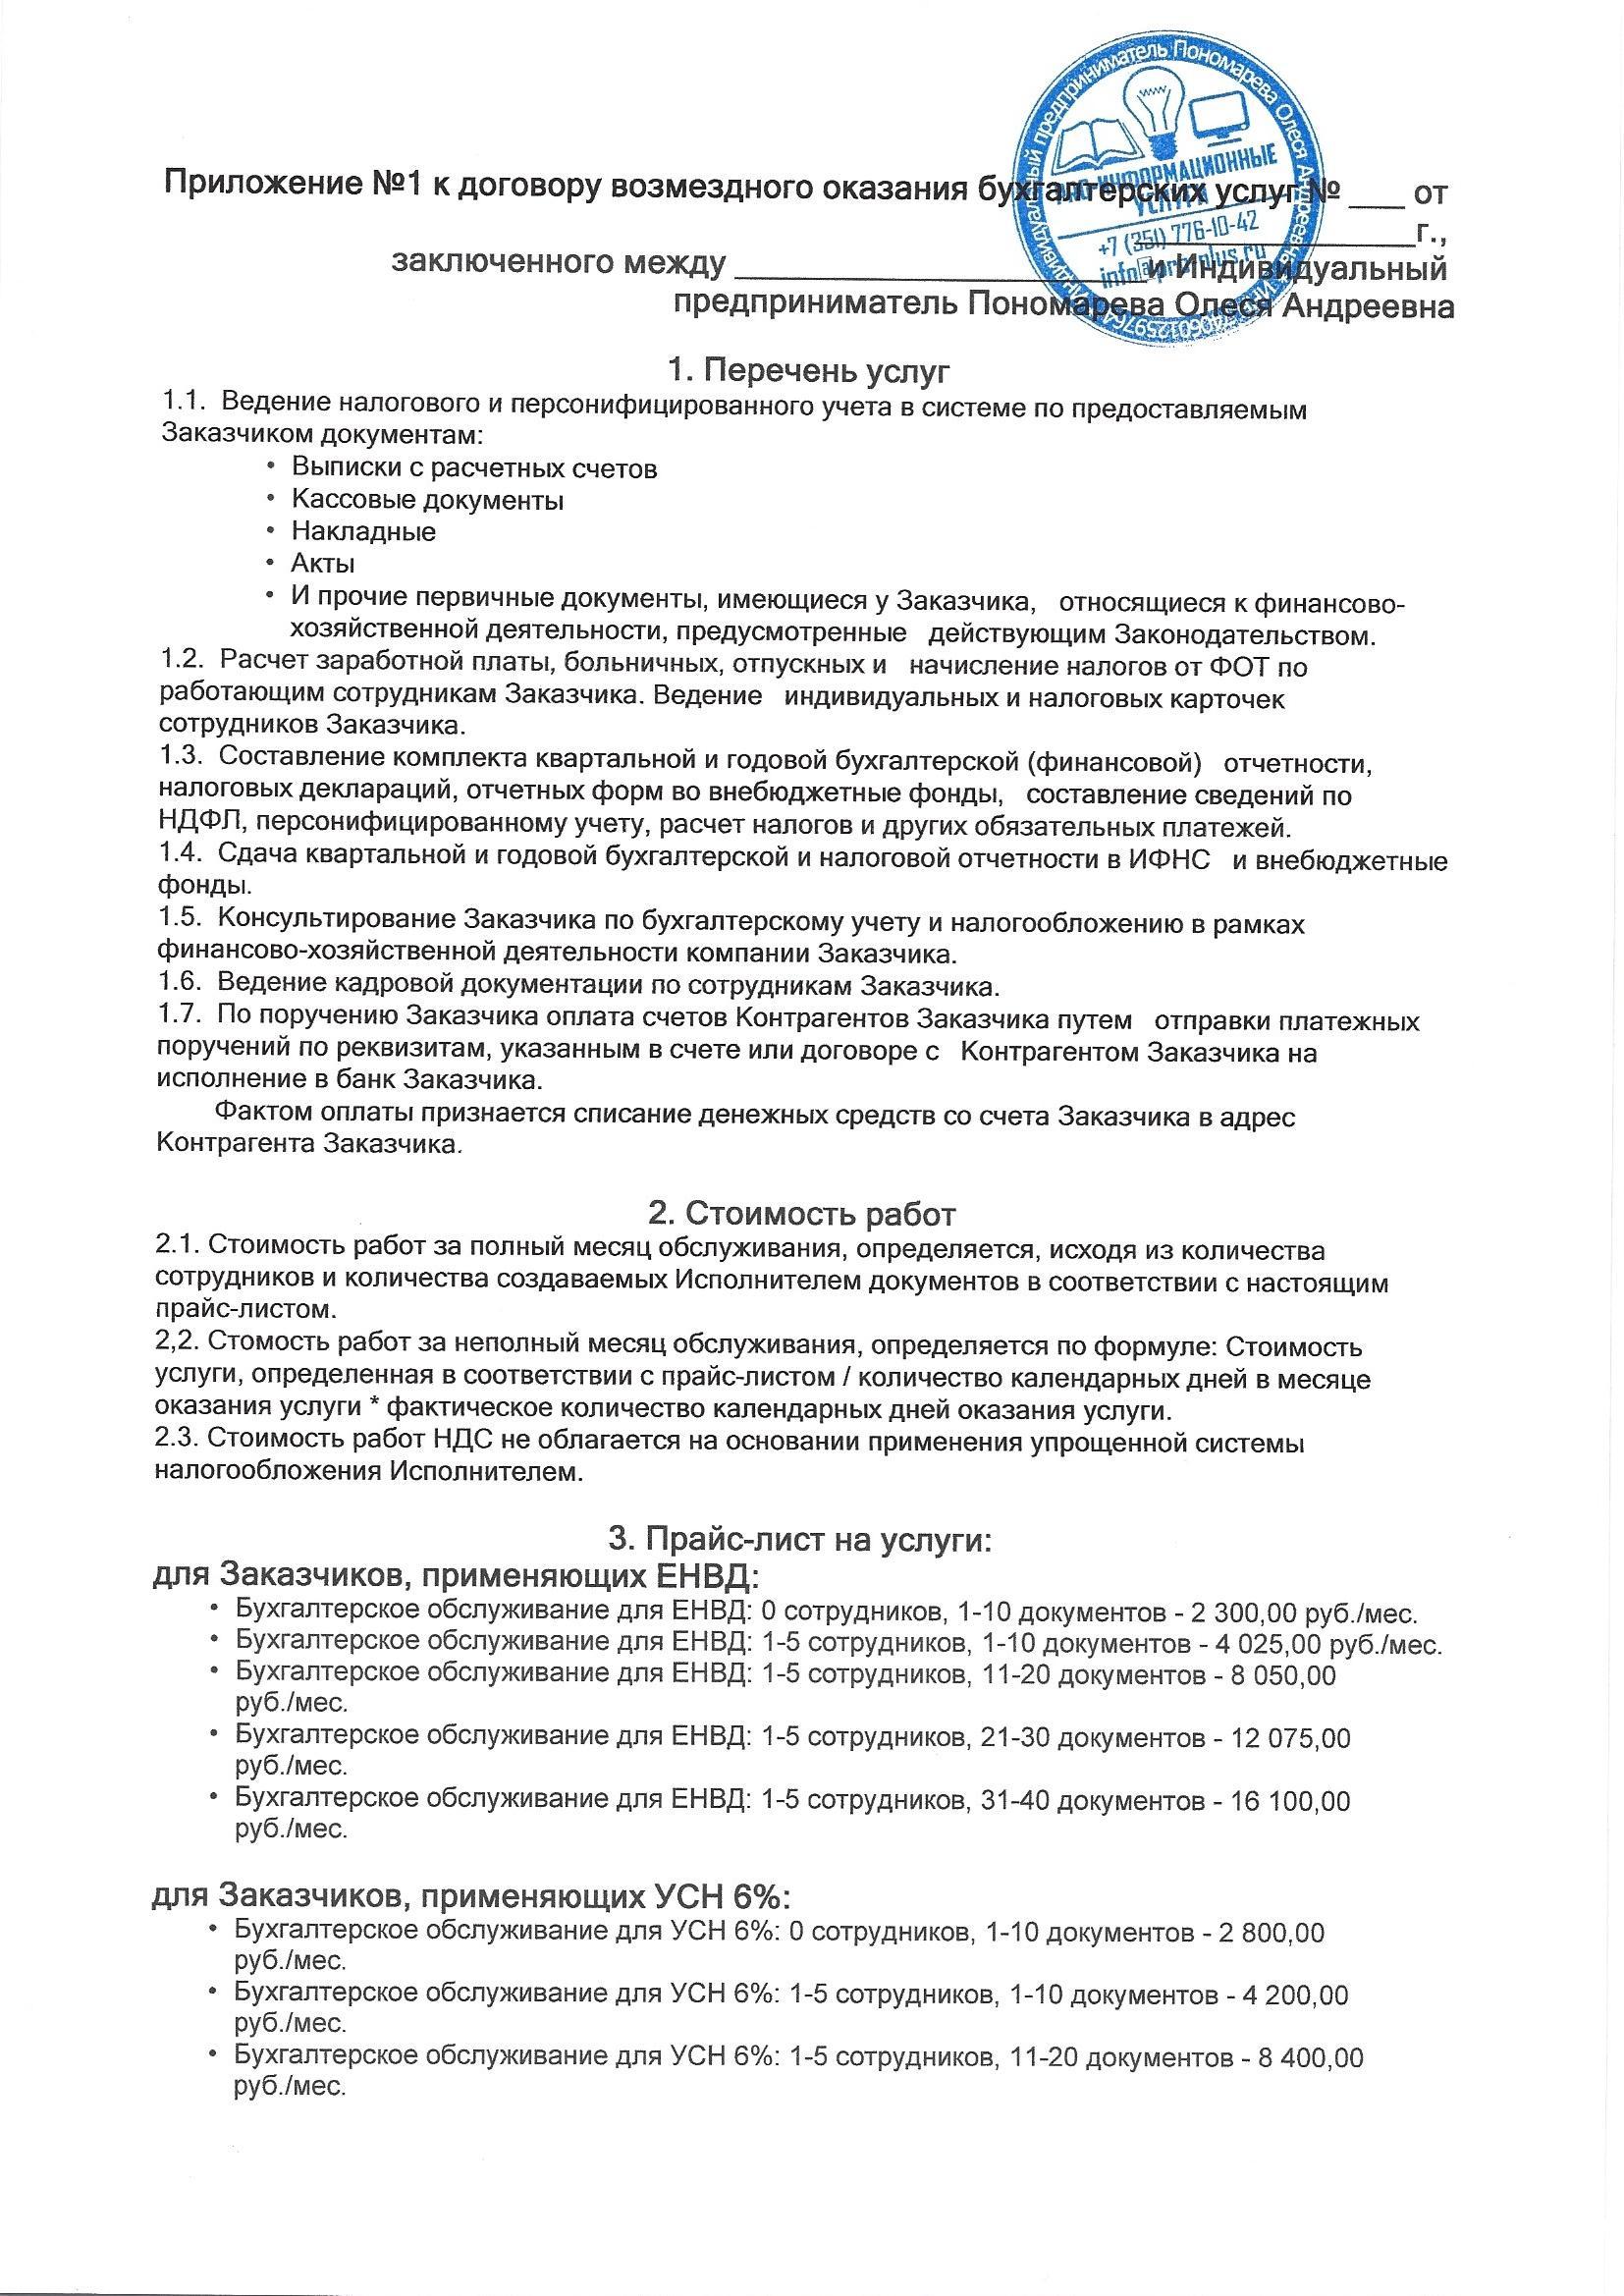 Договор бухгалтерского обслуживания об волгоград электронная сдача отчетности